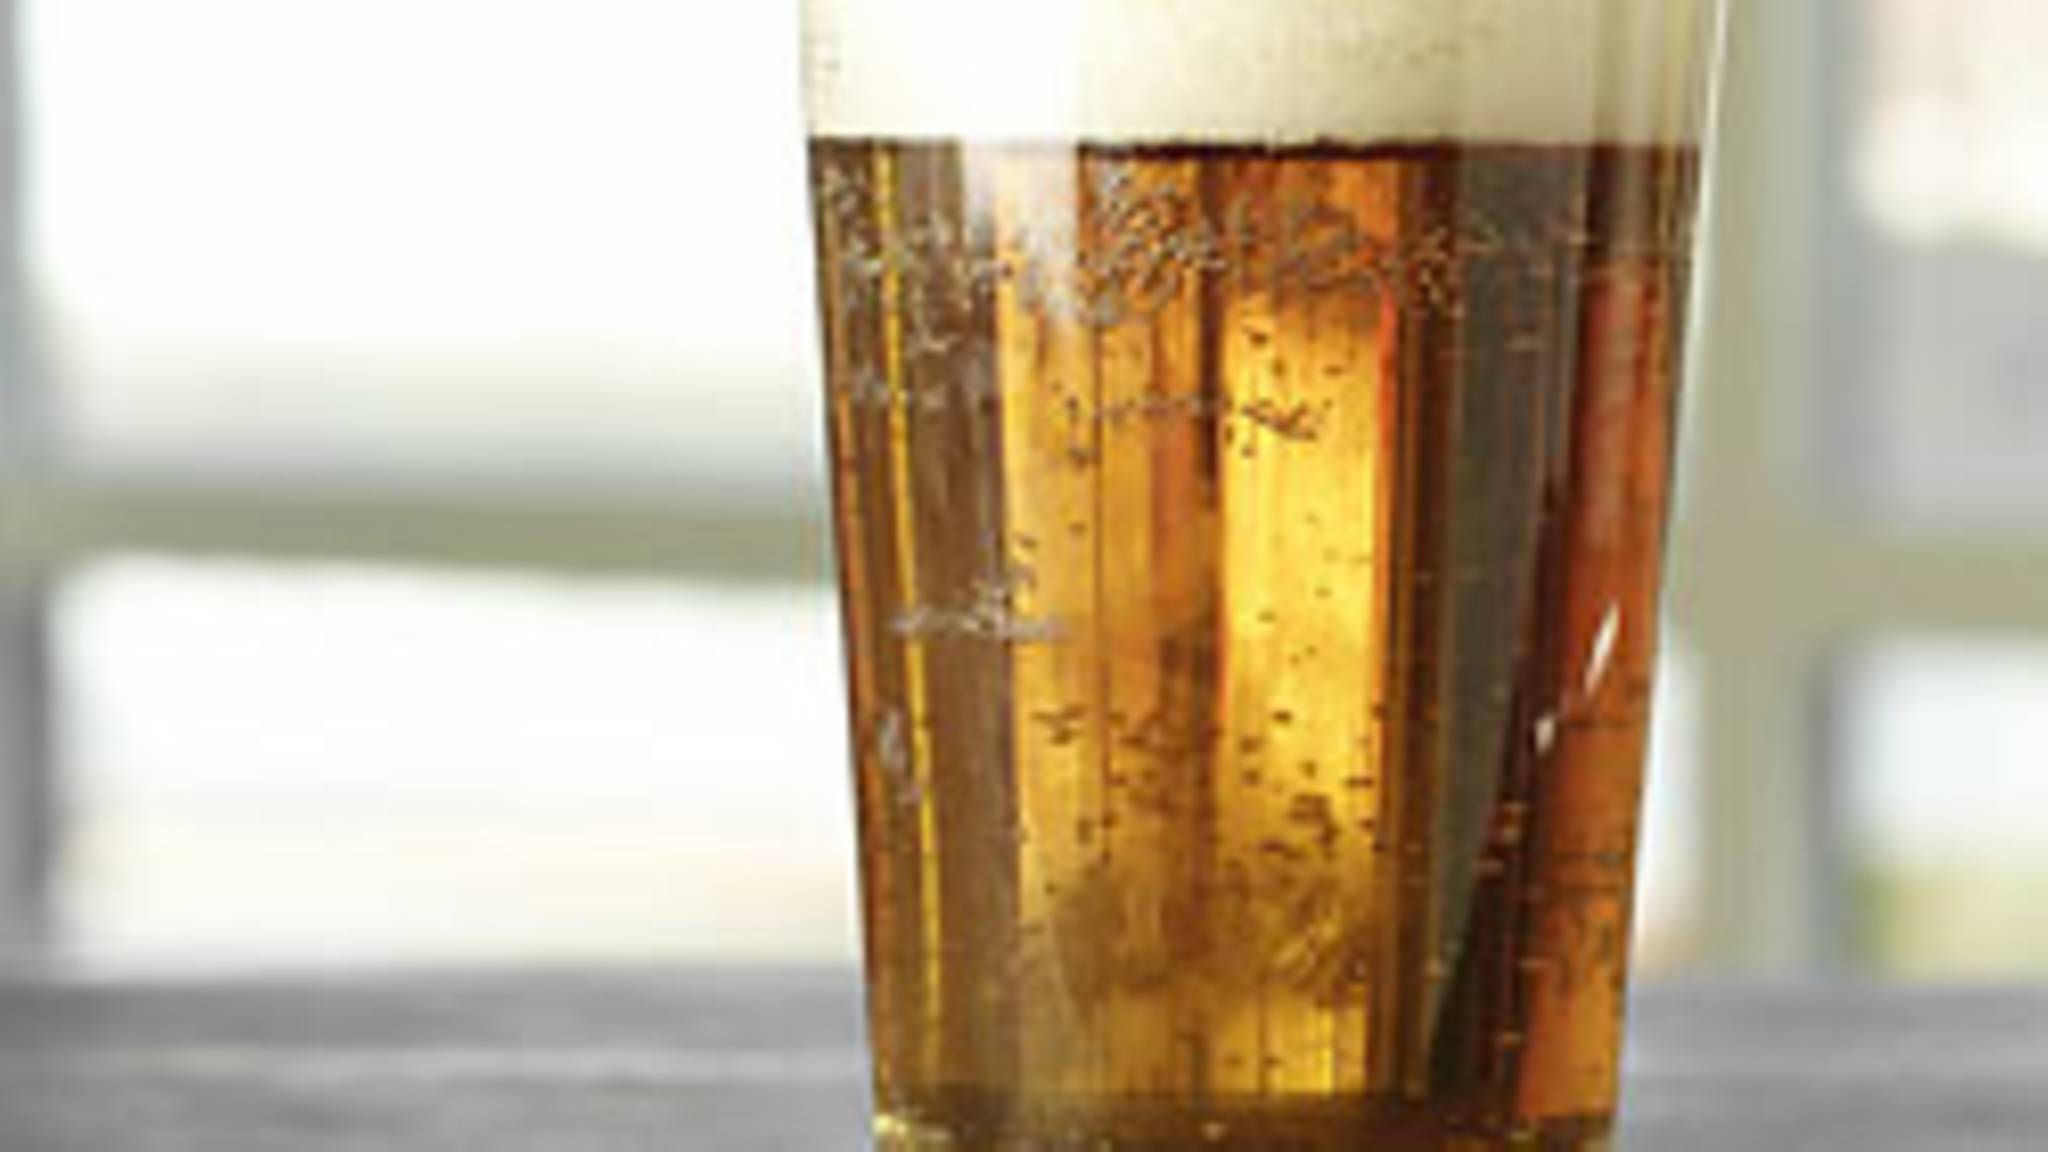 Jeden tag 2-3 liter bier